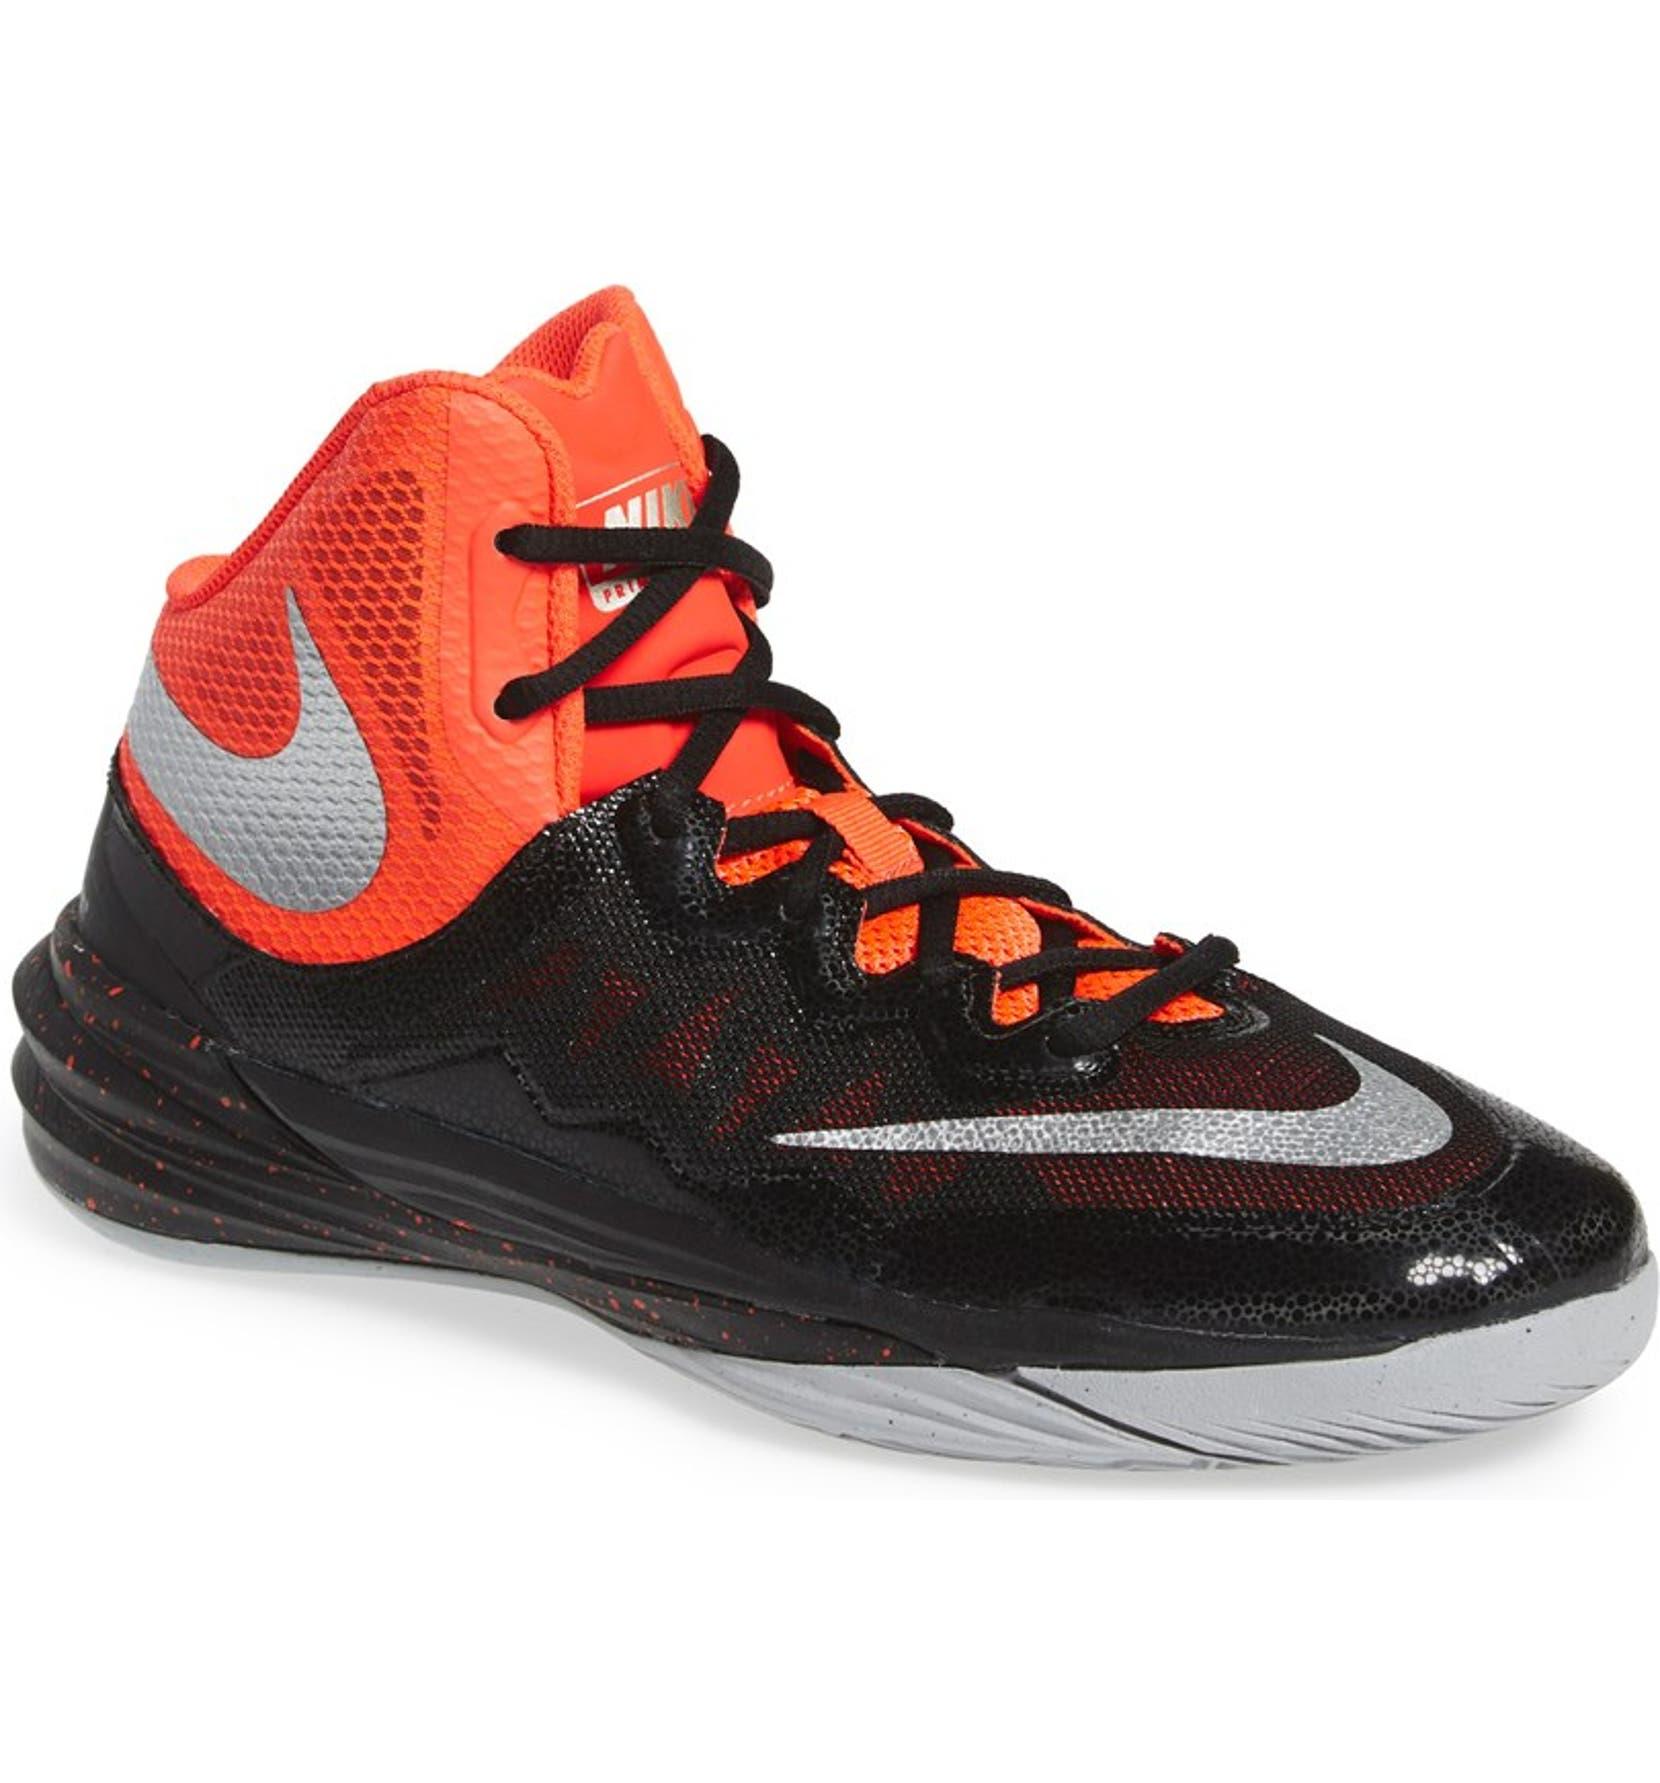 quality design 127e6 69fb4 'Prime Hype DF II' Basketball Shoe